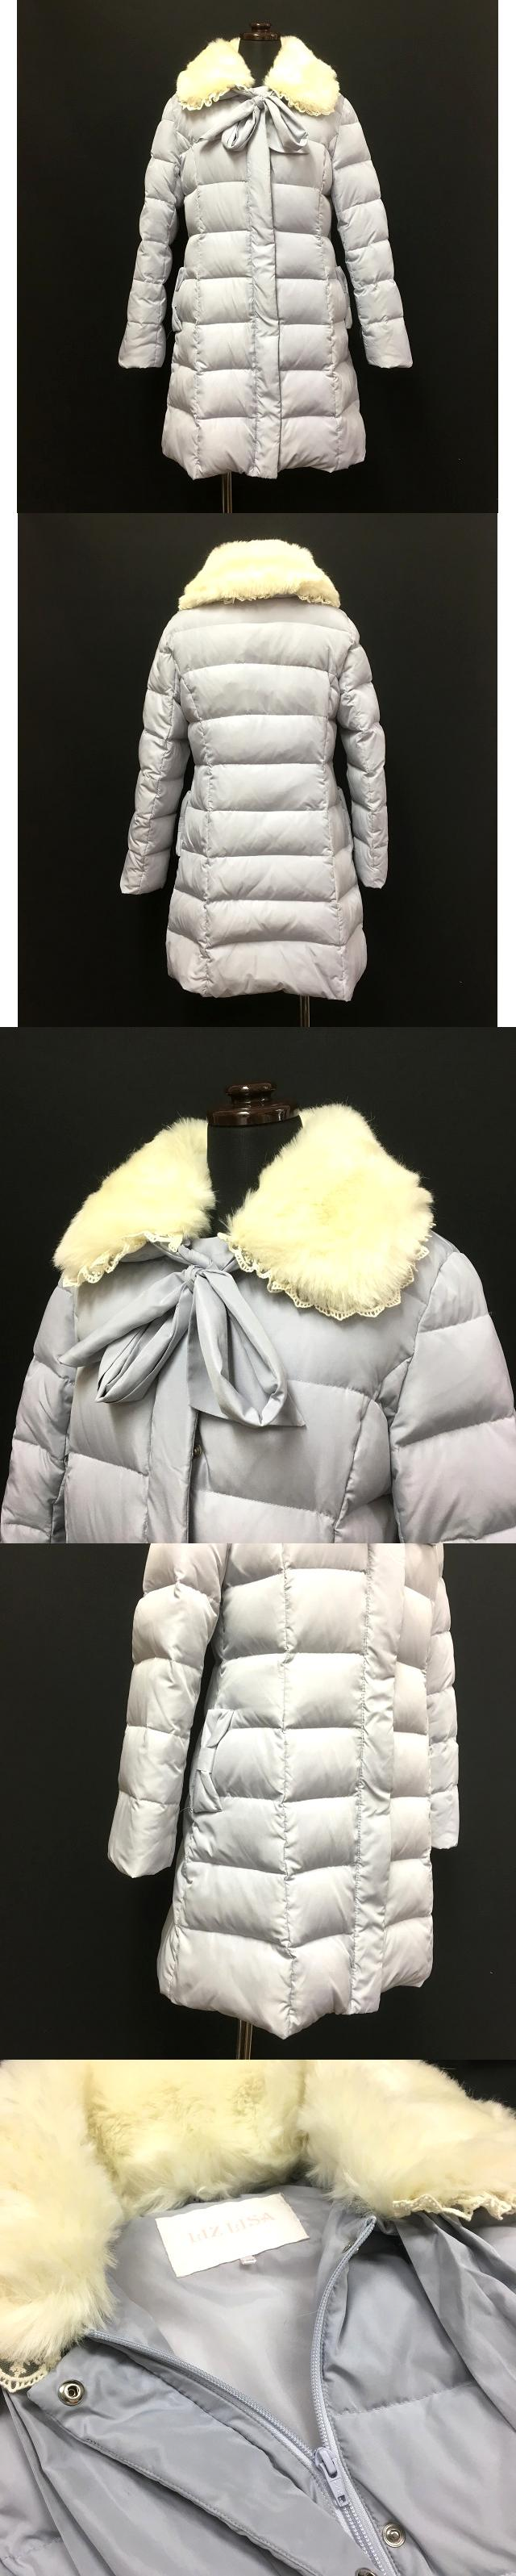 ファーティペット ダウンコート ジャケット 長袖 M ライトブルー 水色 秋冬